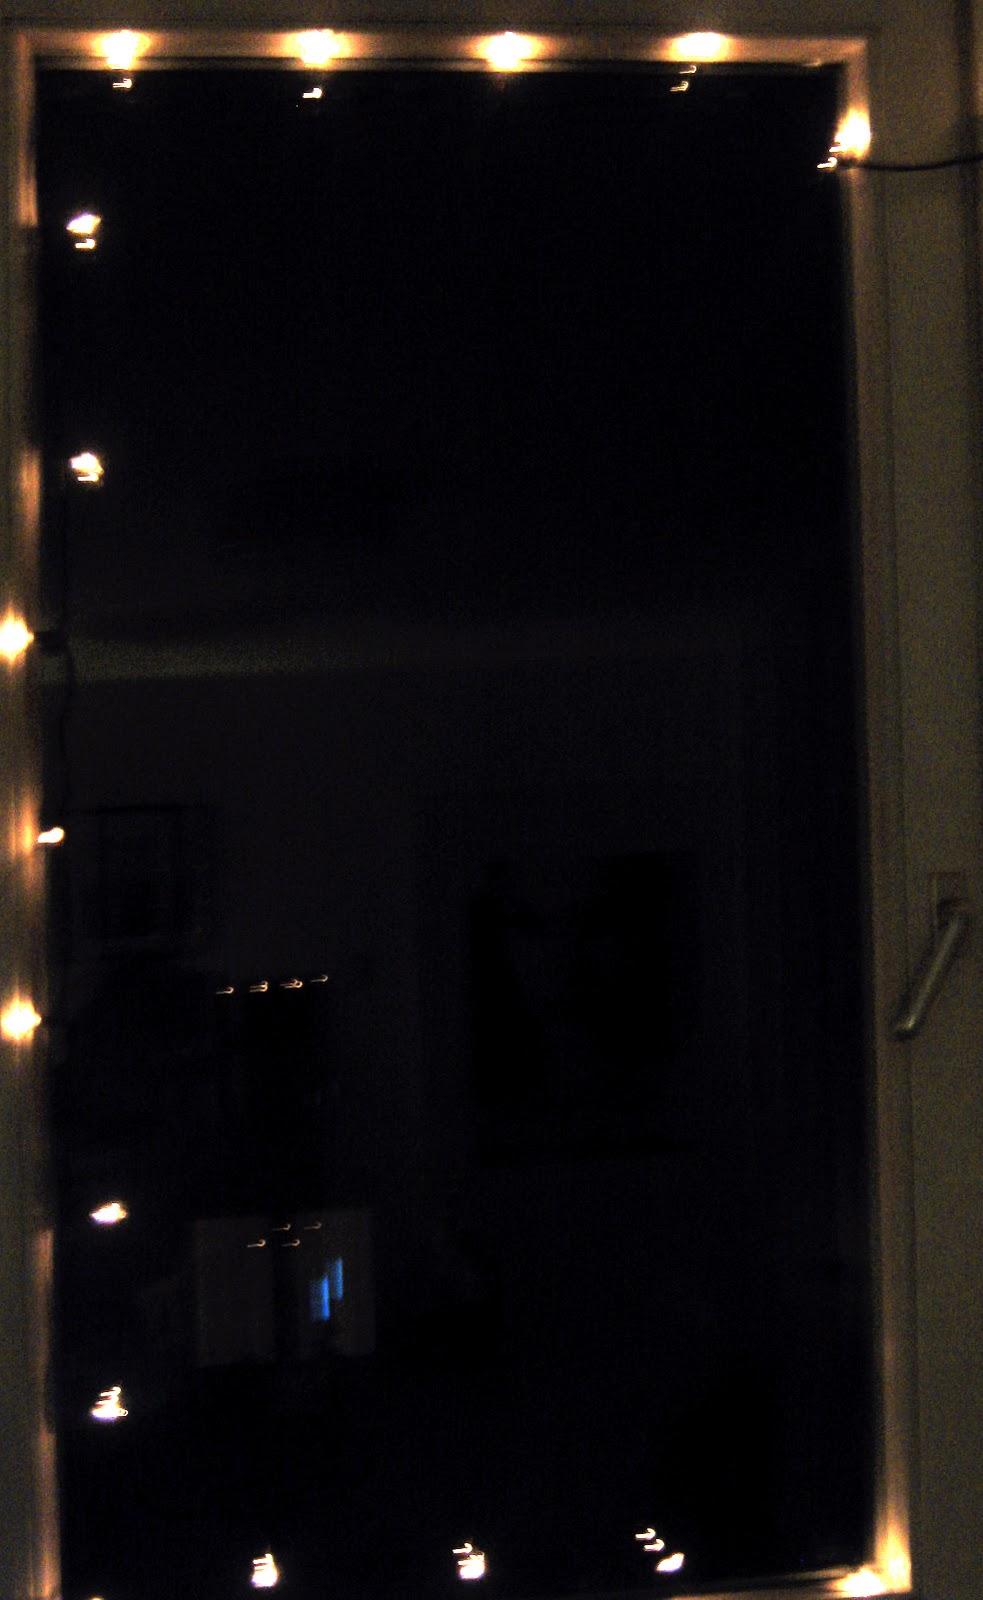 Das innere kind november 2011 - Lichterkette am fenster aufhangen ...